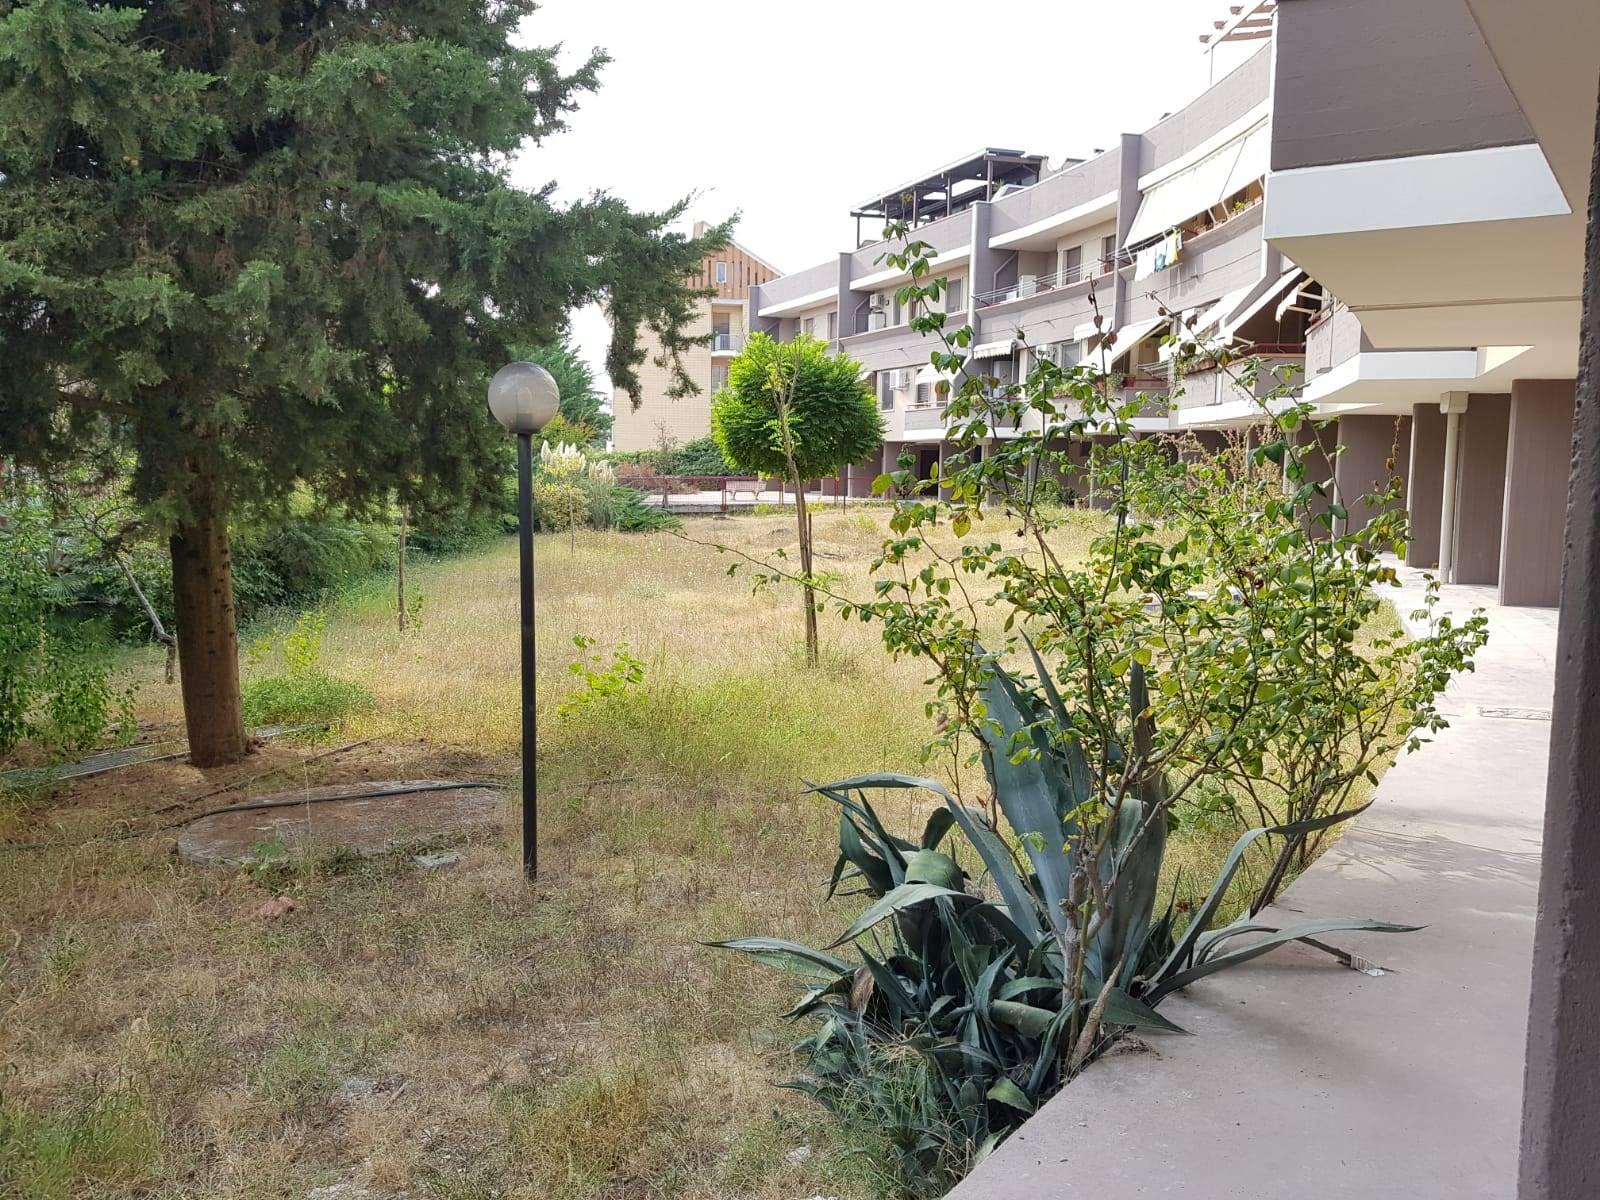 Appartamento in vendita a Matera, 2 locali, zona Zona: Semicentro Sud, prezzo € 70.000 | CambioCasa.it